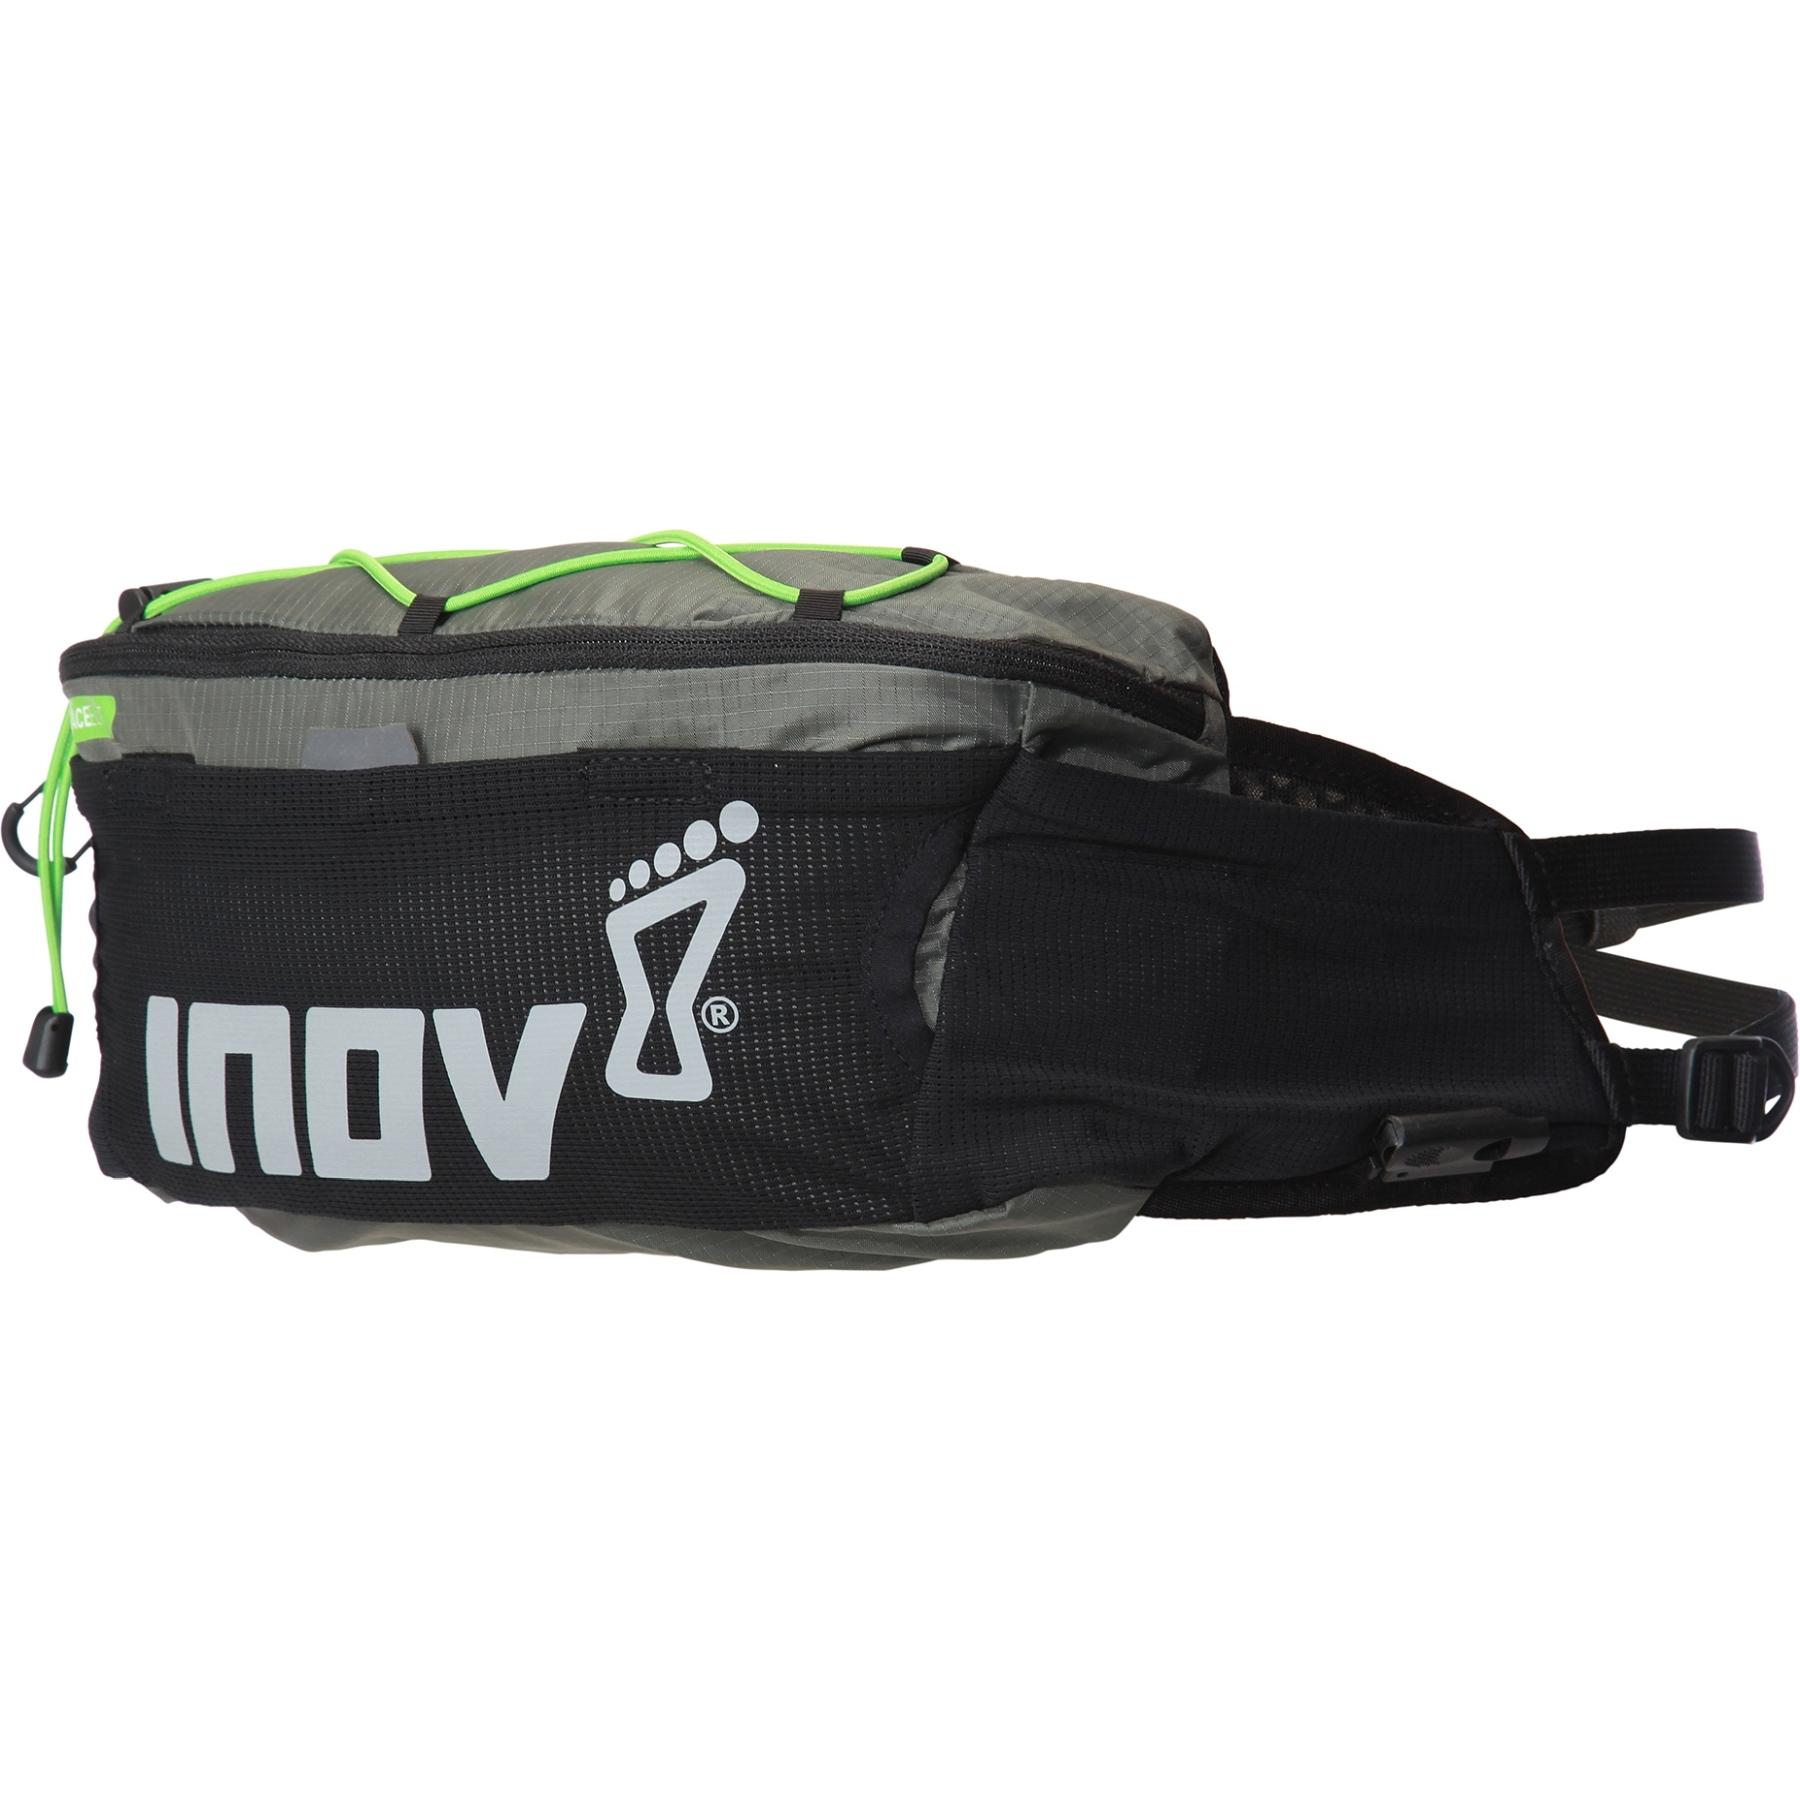 Produktbild von Inov-8 Race Elite™ Waist Hüfttasche - black/grey